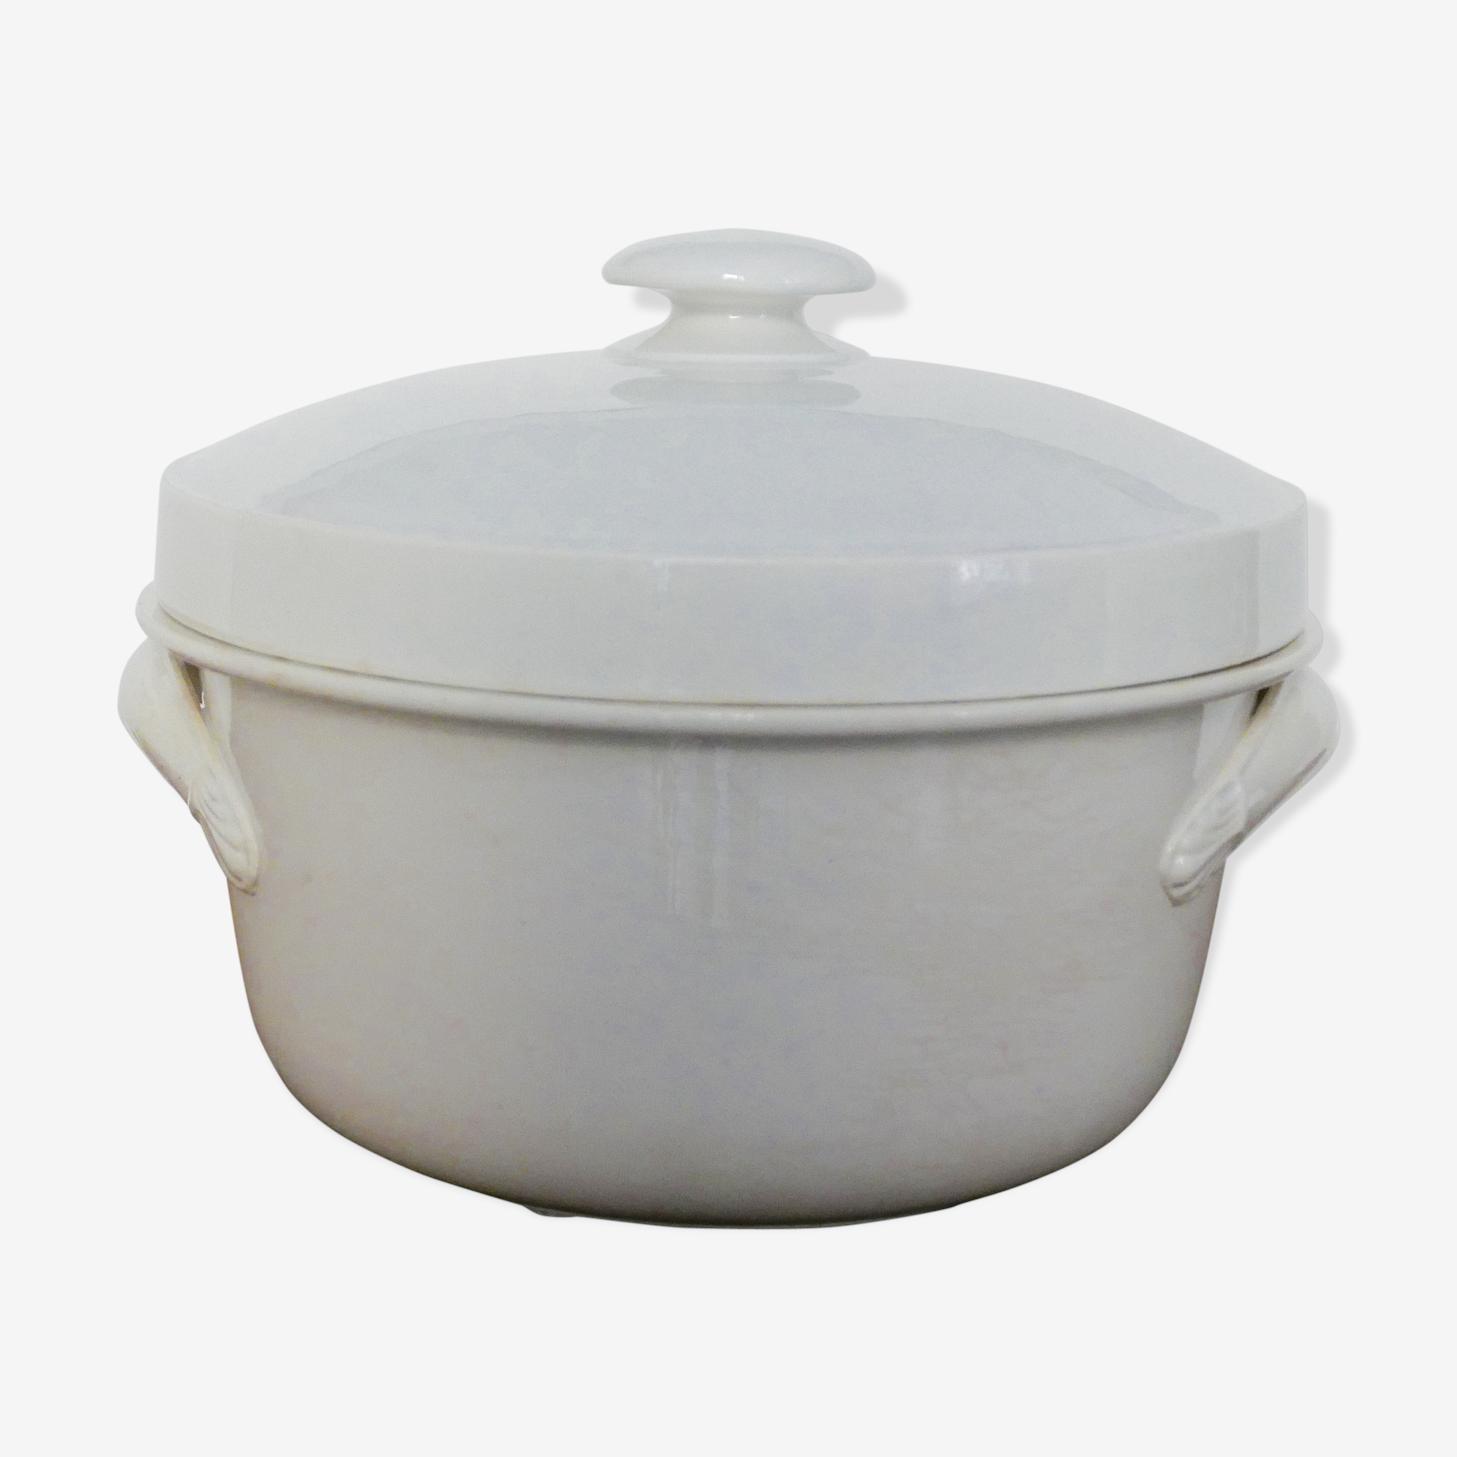 Old soup dish in white ceramic